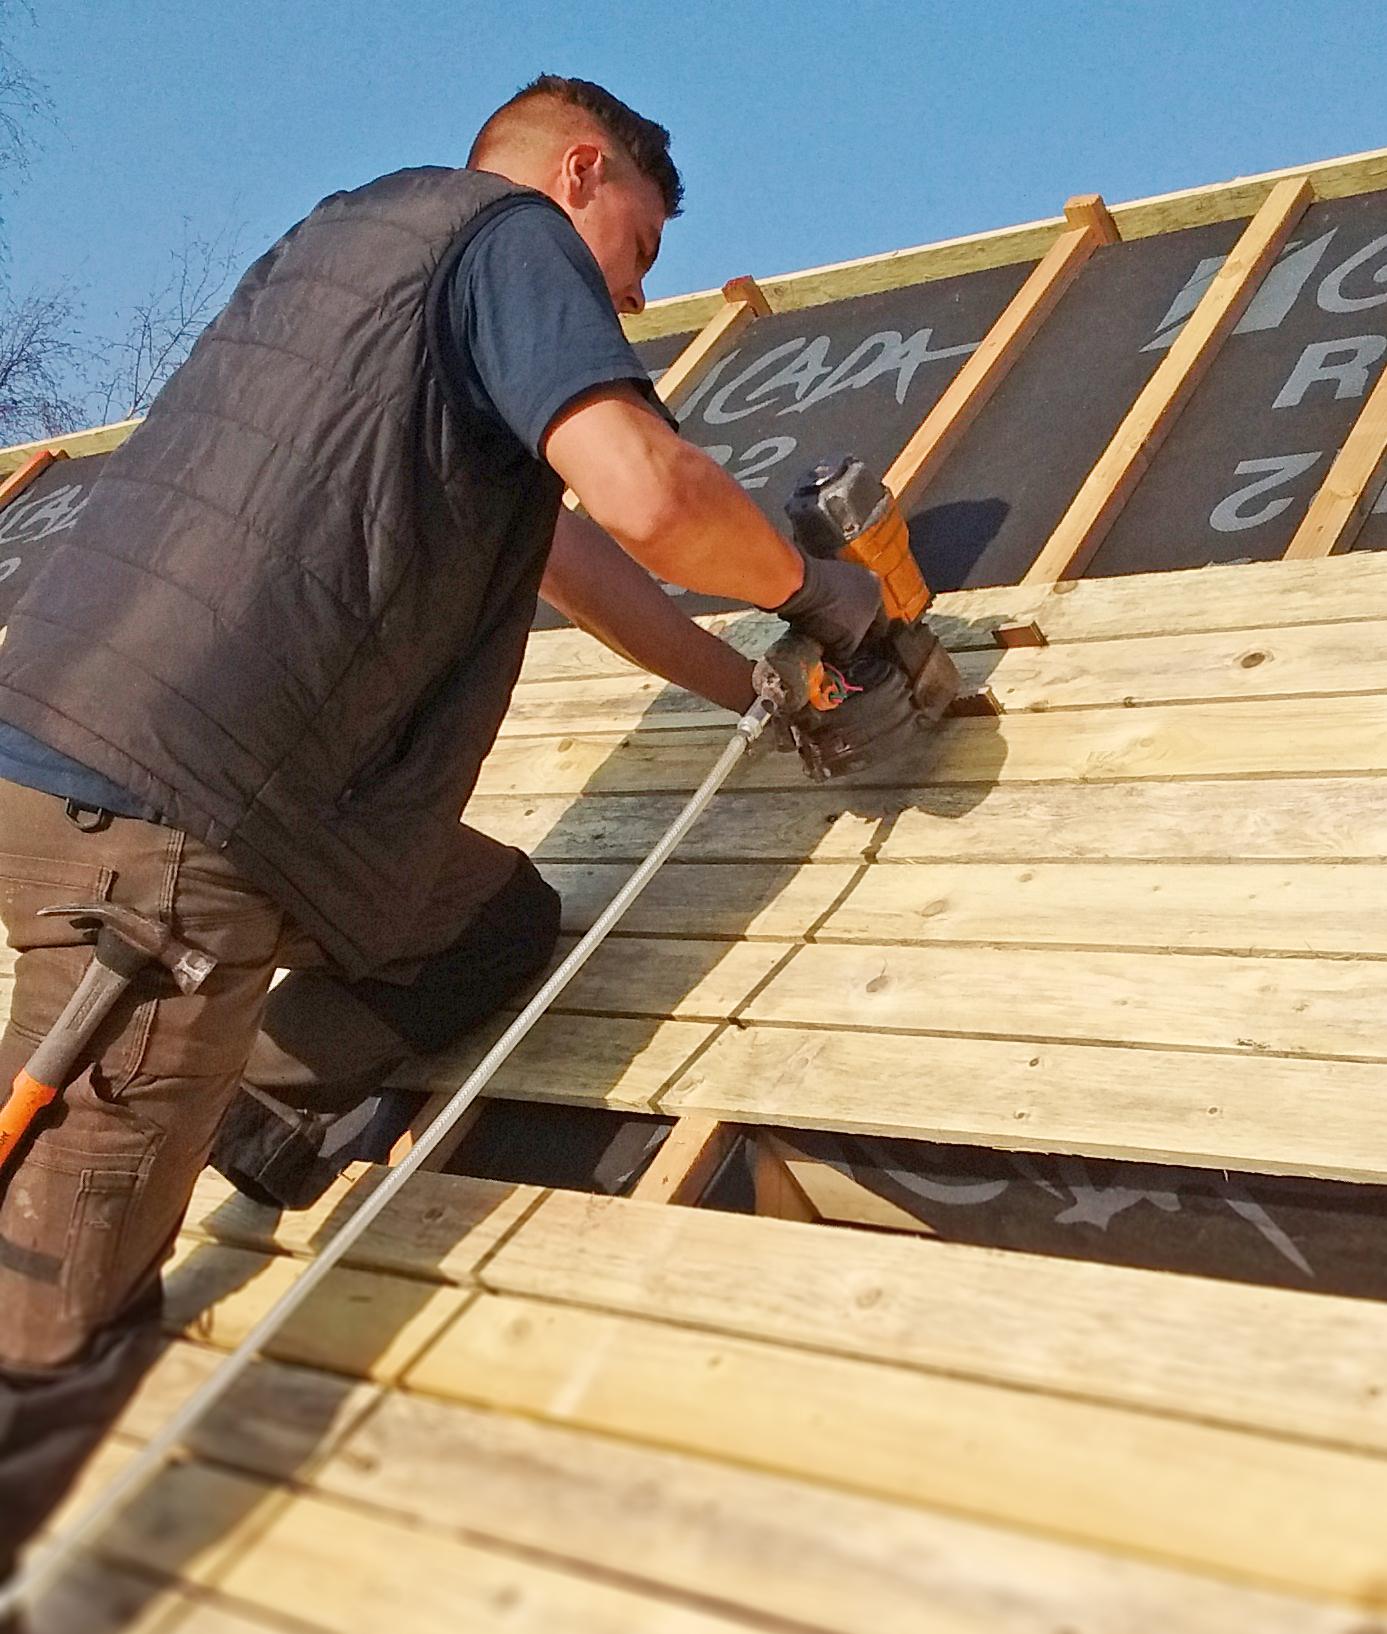 Fixation et préparation de la sous-toiture pour la rénovation